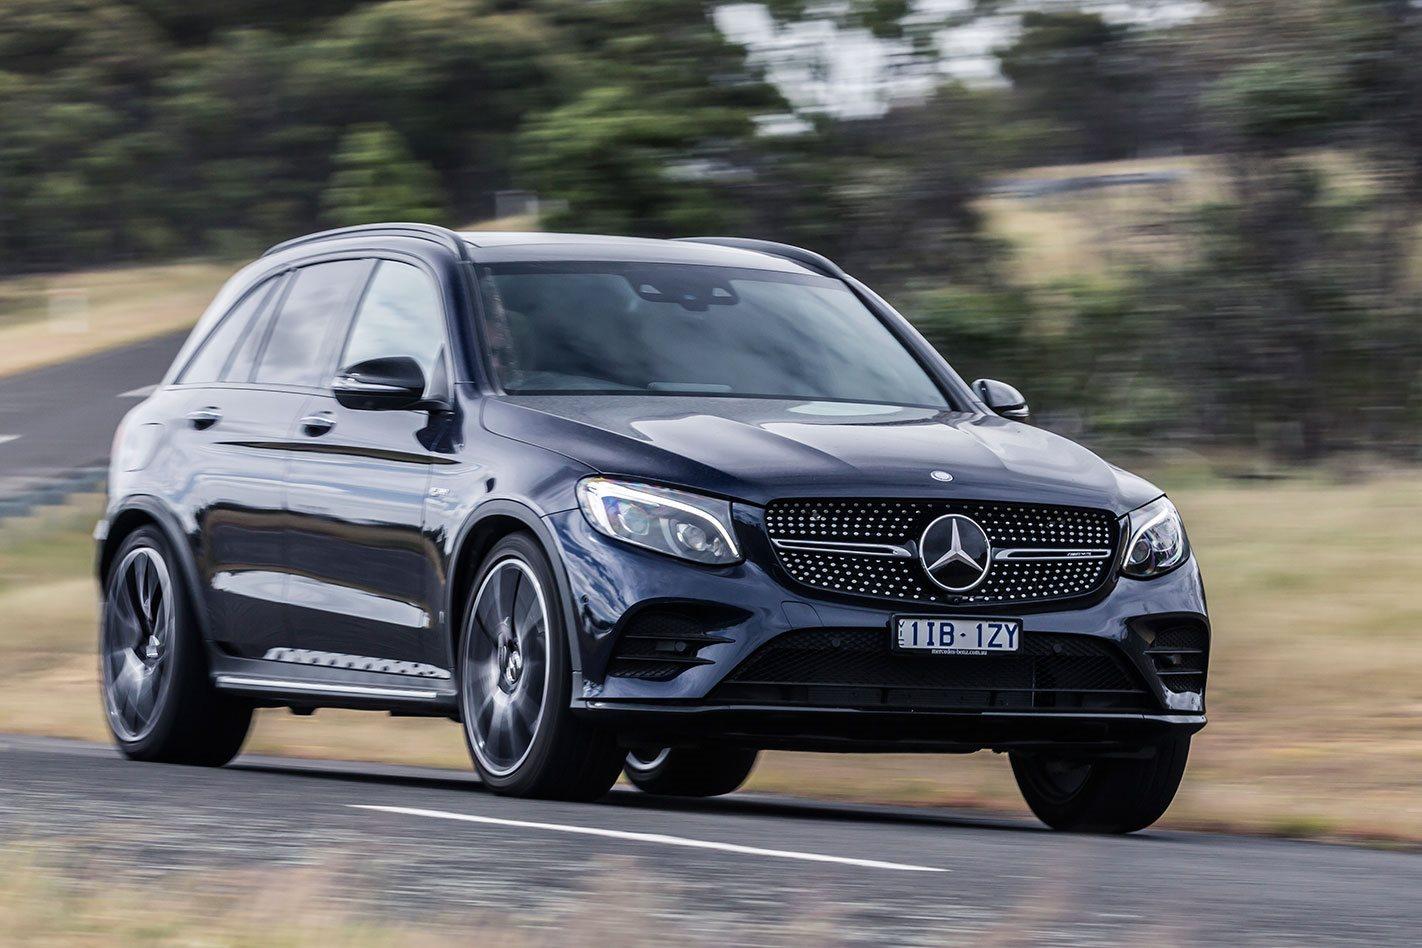 2017 Mercedes-Benz GLC-Class Review